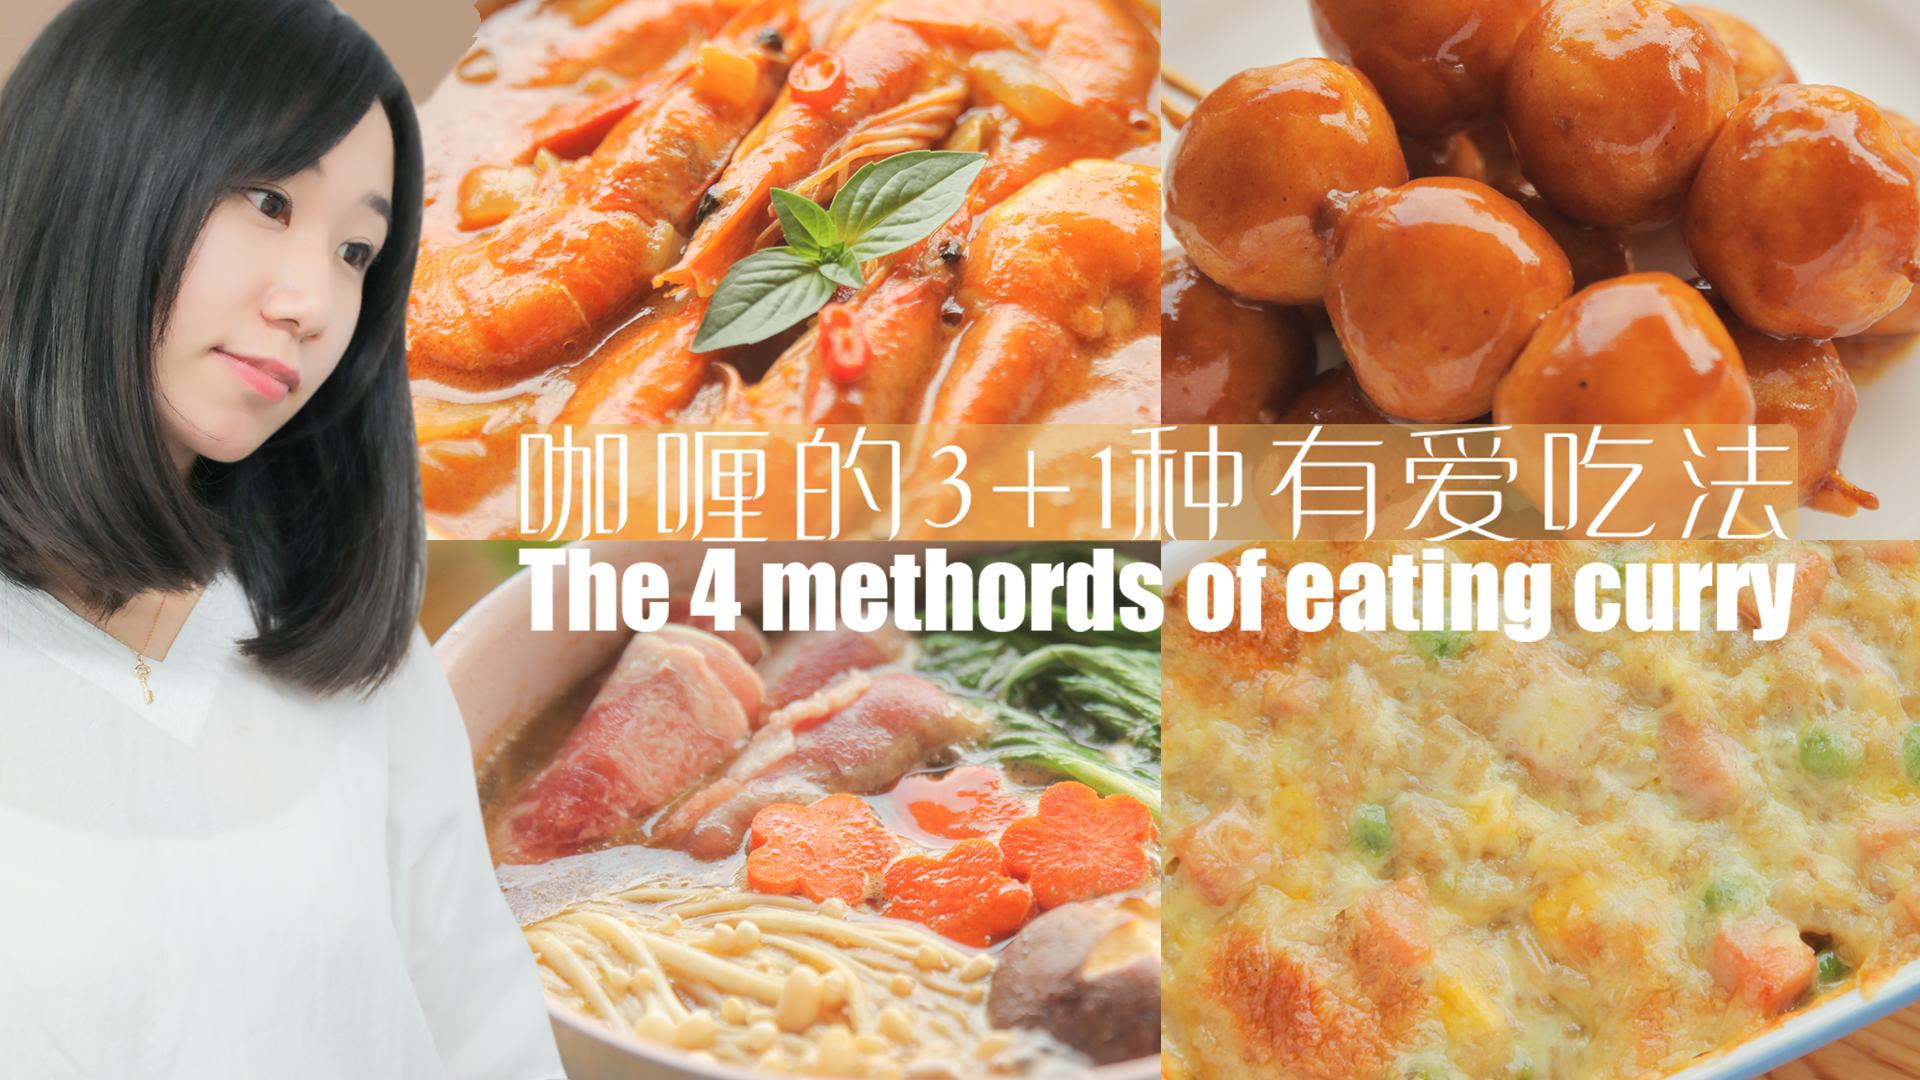 「厨娘物语」咖喱的3+1种有爱吃法